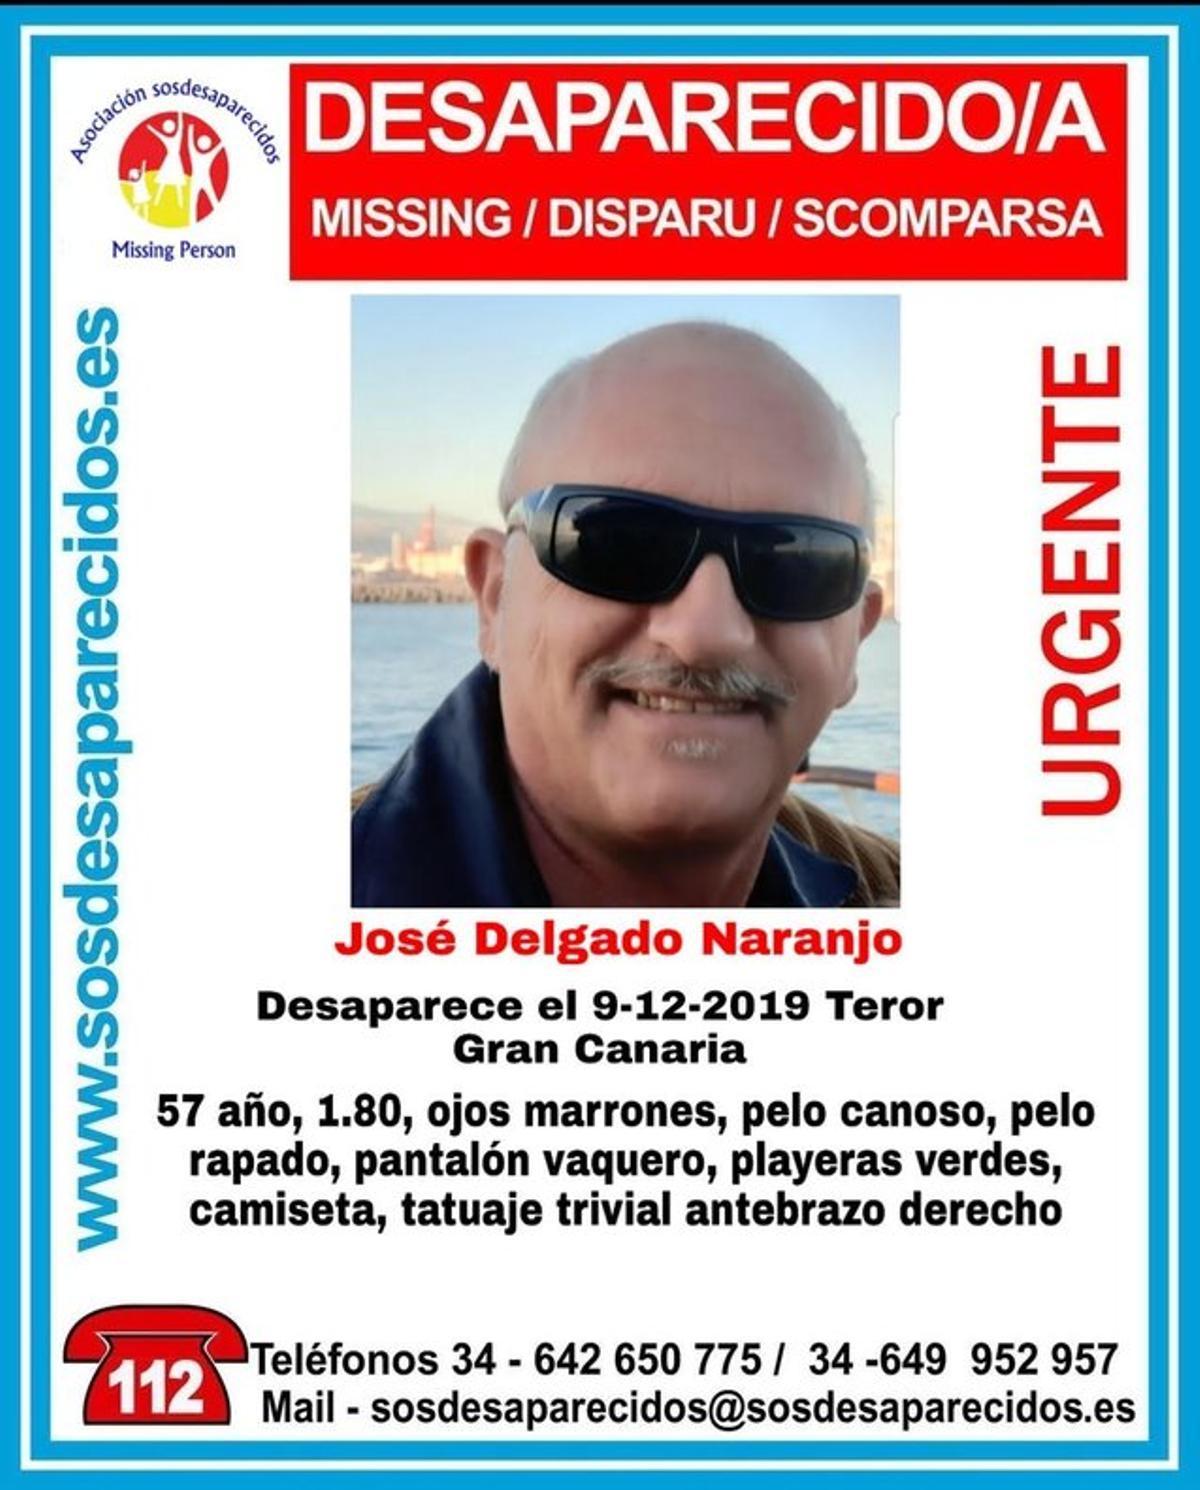 Imagen de José Delgado, desaparecido en Gran Canaria.